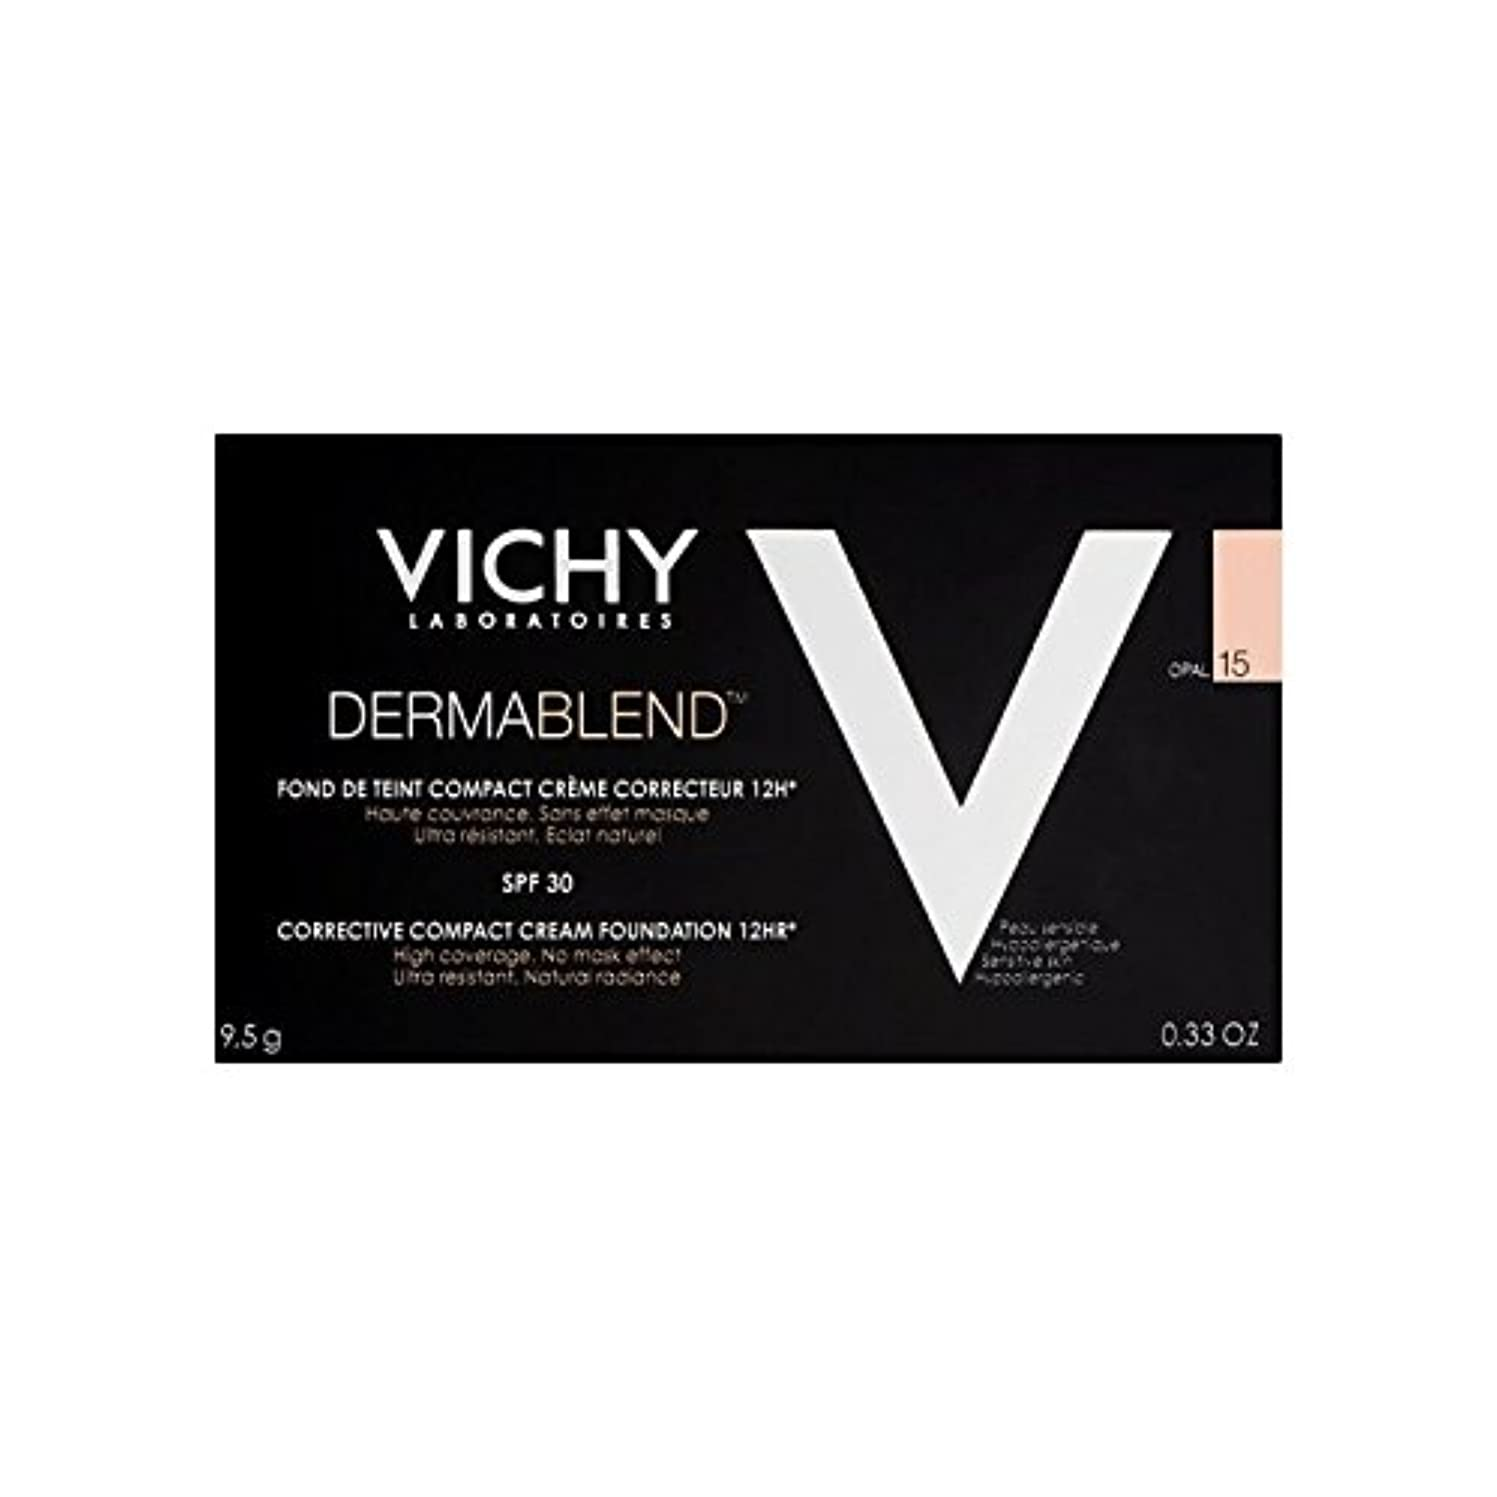 を必要としています北極圏豊富なVichy Dermablend Corrective Compact Cream Foundation Opal 15 - ヴィシー是正コンパクトクリームファンデーションオパール15 [並行輸入品]